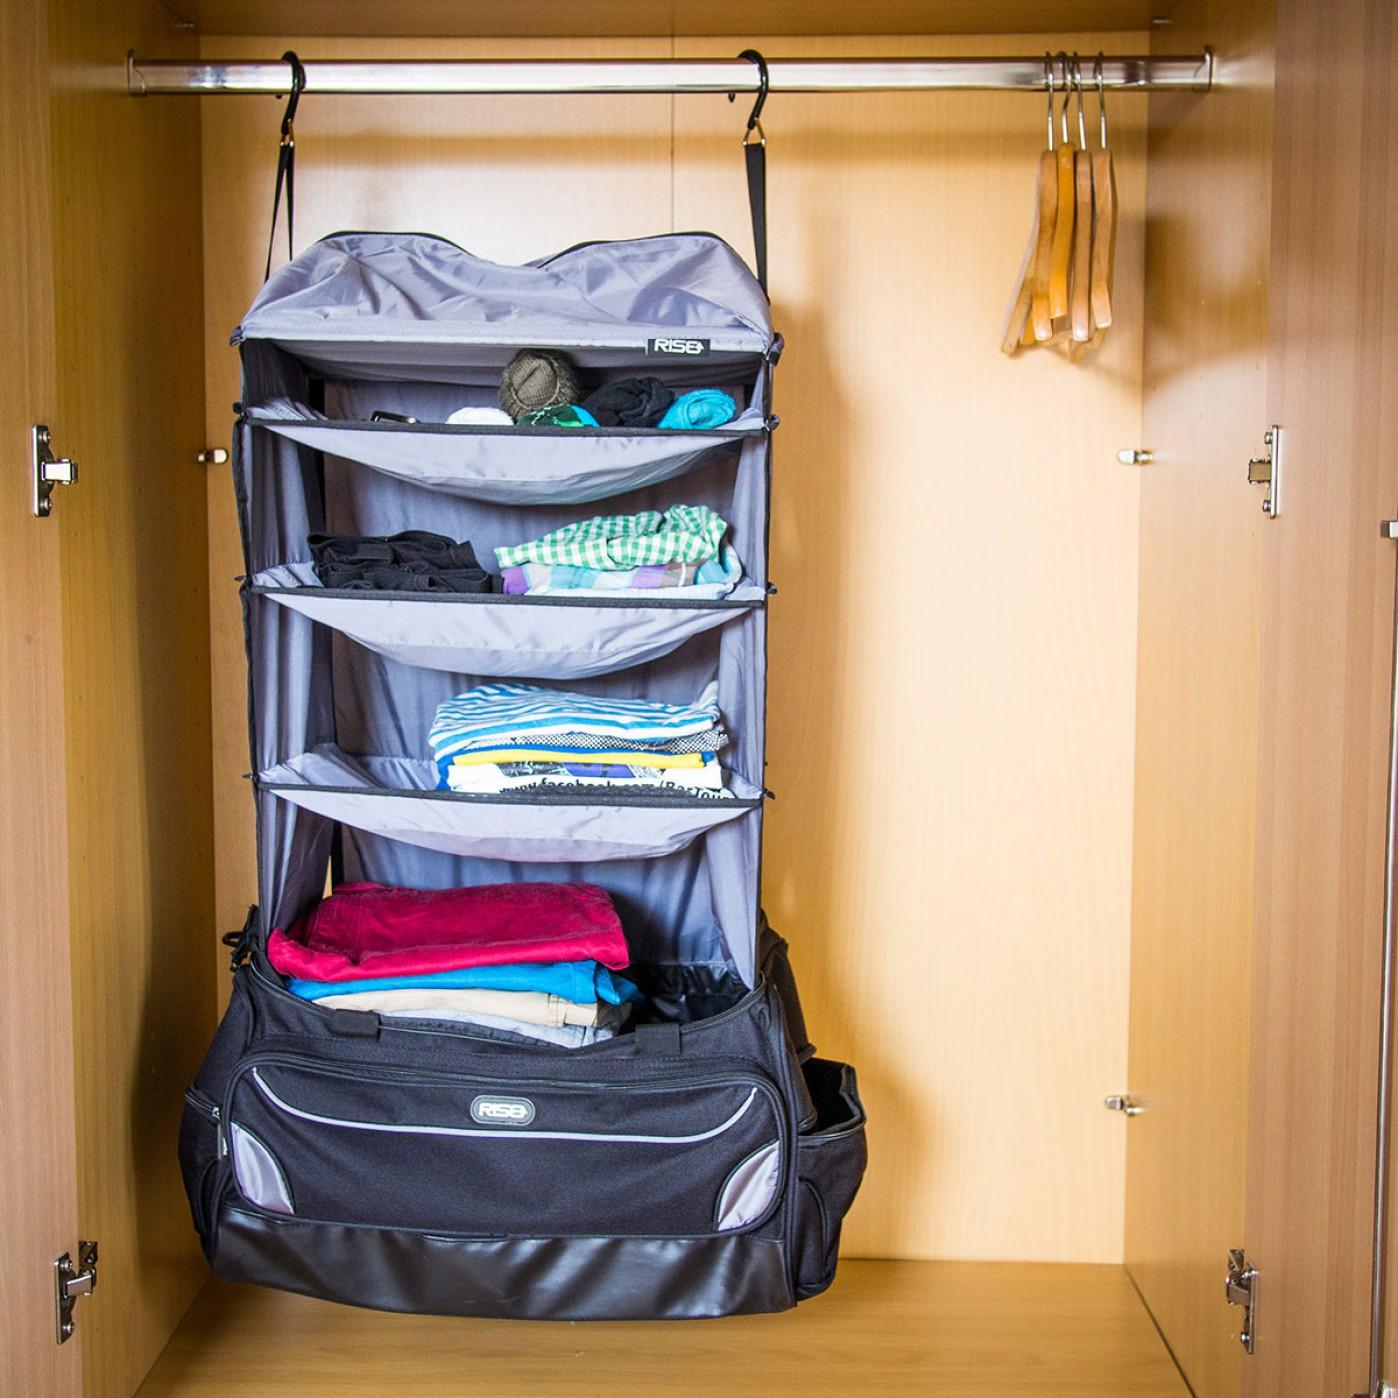 Aufmachen, aufhängen, fertig: Die Reisetasche ist ein Muss für alle, die nicht gerne auspacken.